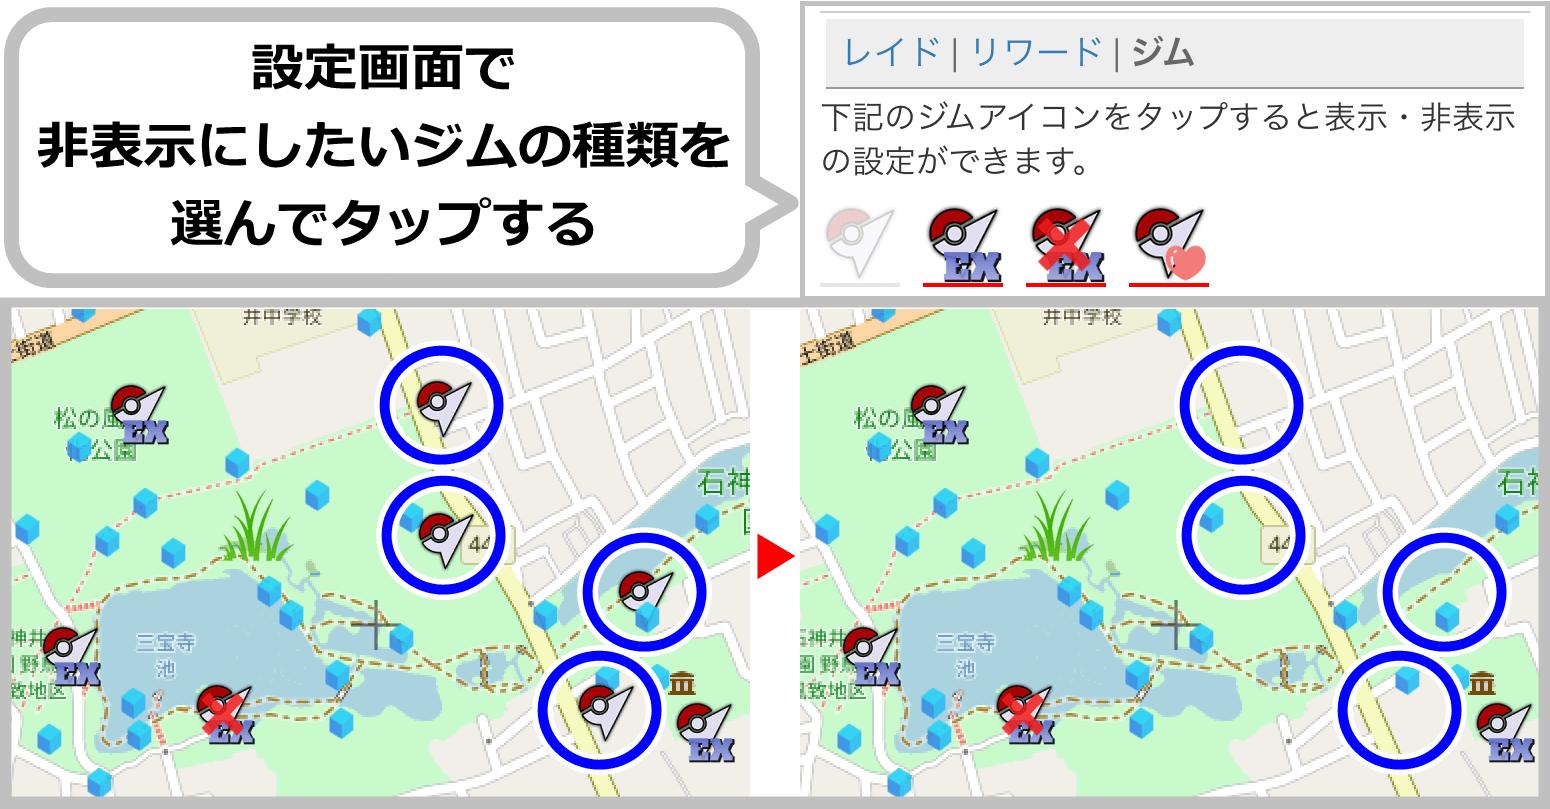 マップの表示アイコンを細かく設定